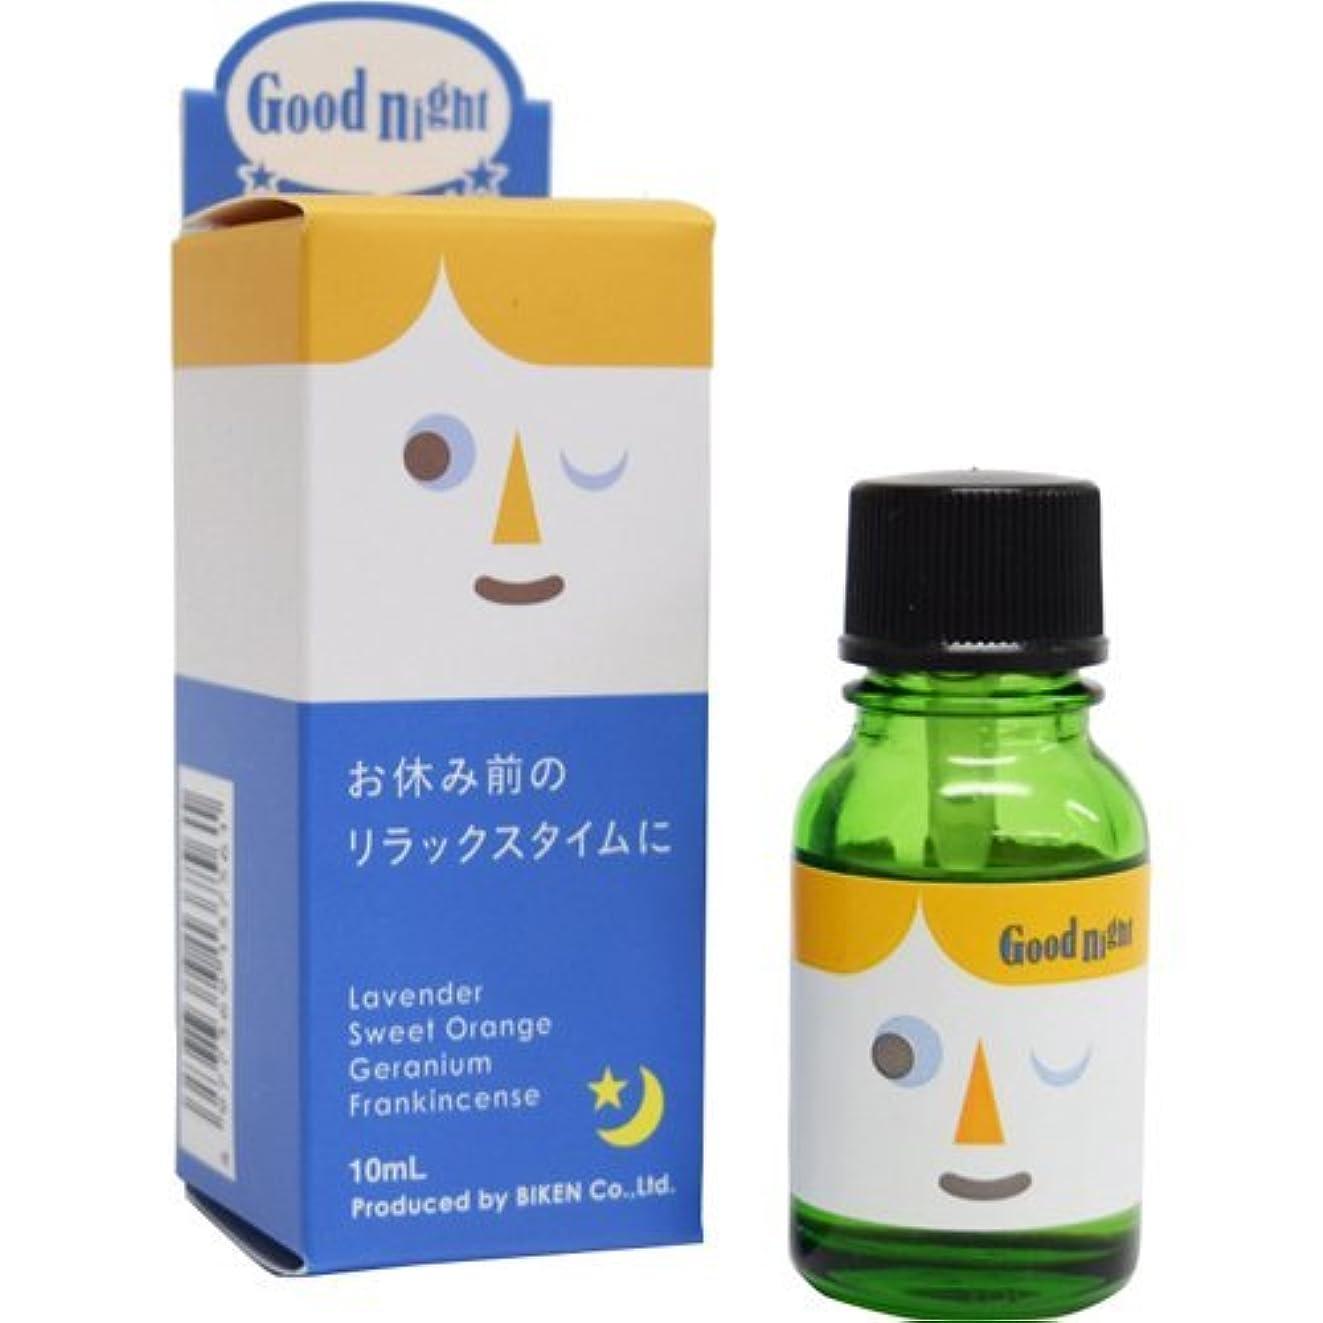 測定可能寸前植生デイリーアロマ 水溶性 消臭?除菌エッセンシャルオイル Good Night